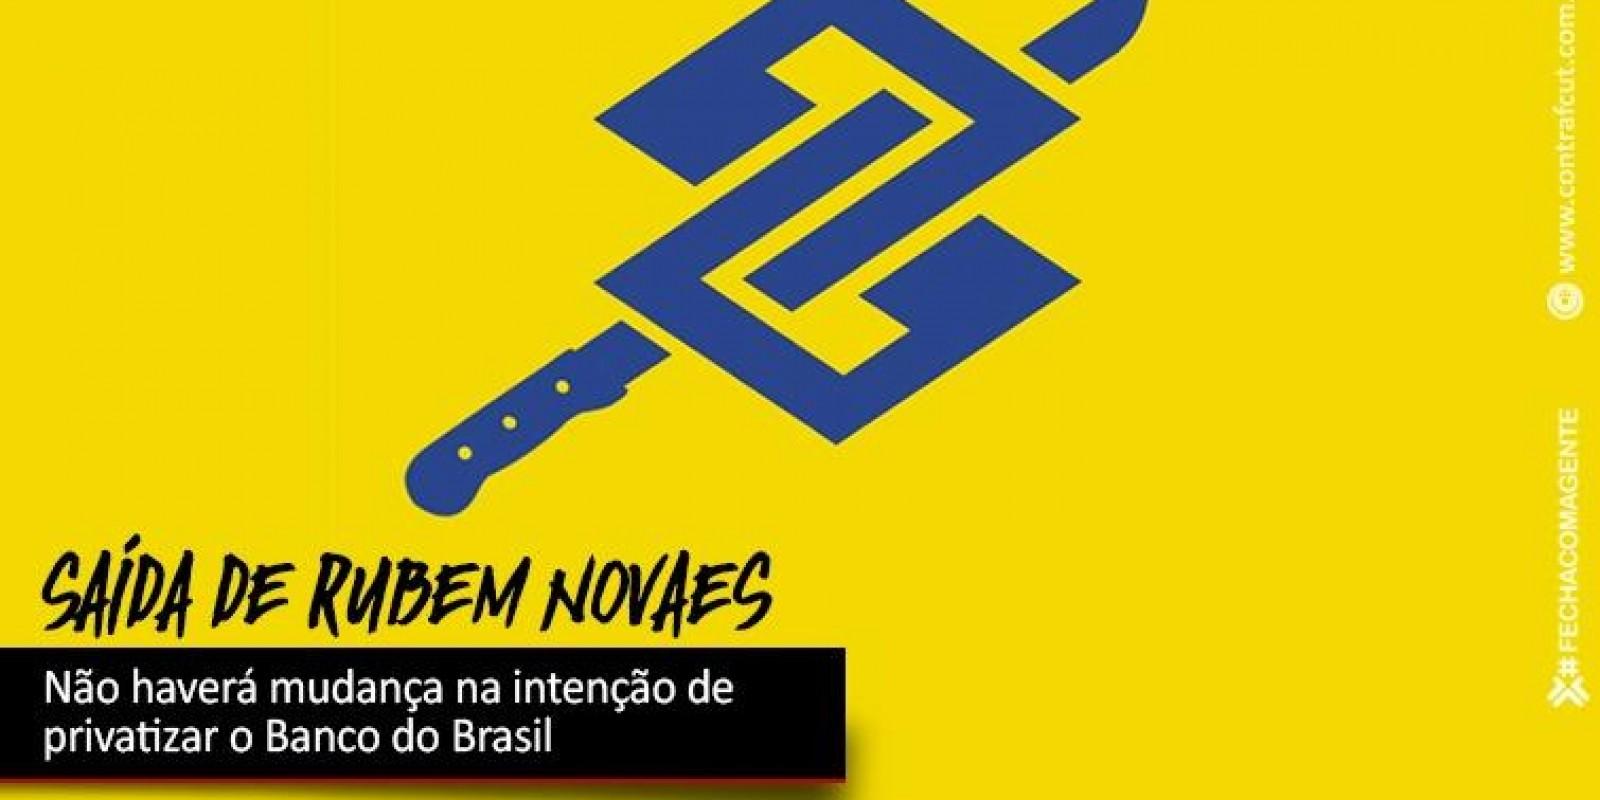 Saída de Novaes não reverte projeto de privatização do Banco do Brasil